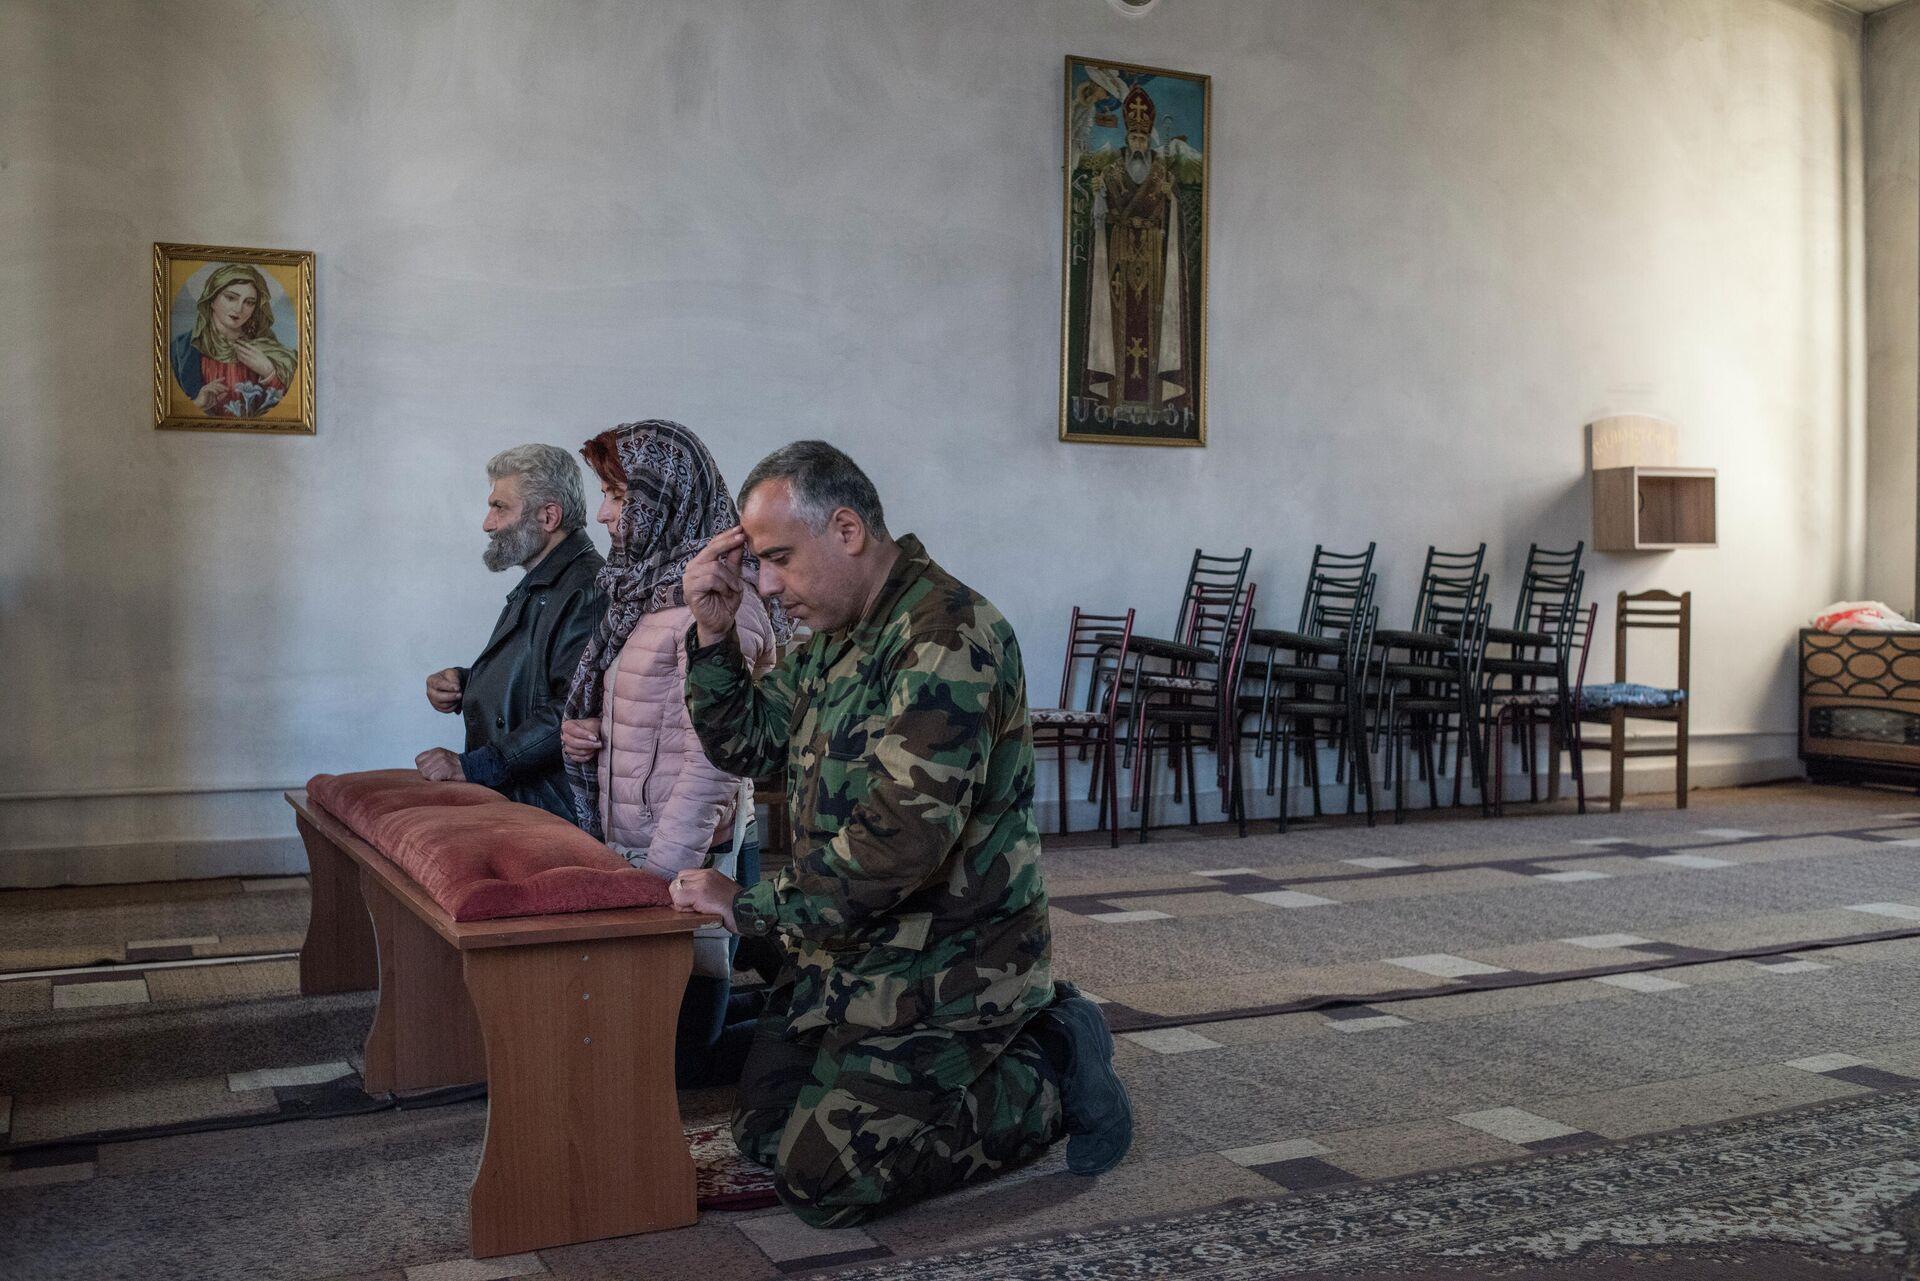 Люди молятся в храме в Степанакерте - РИА Новости, 1920, 19.10.2020